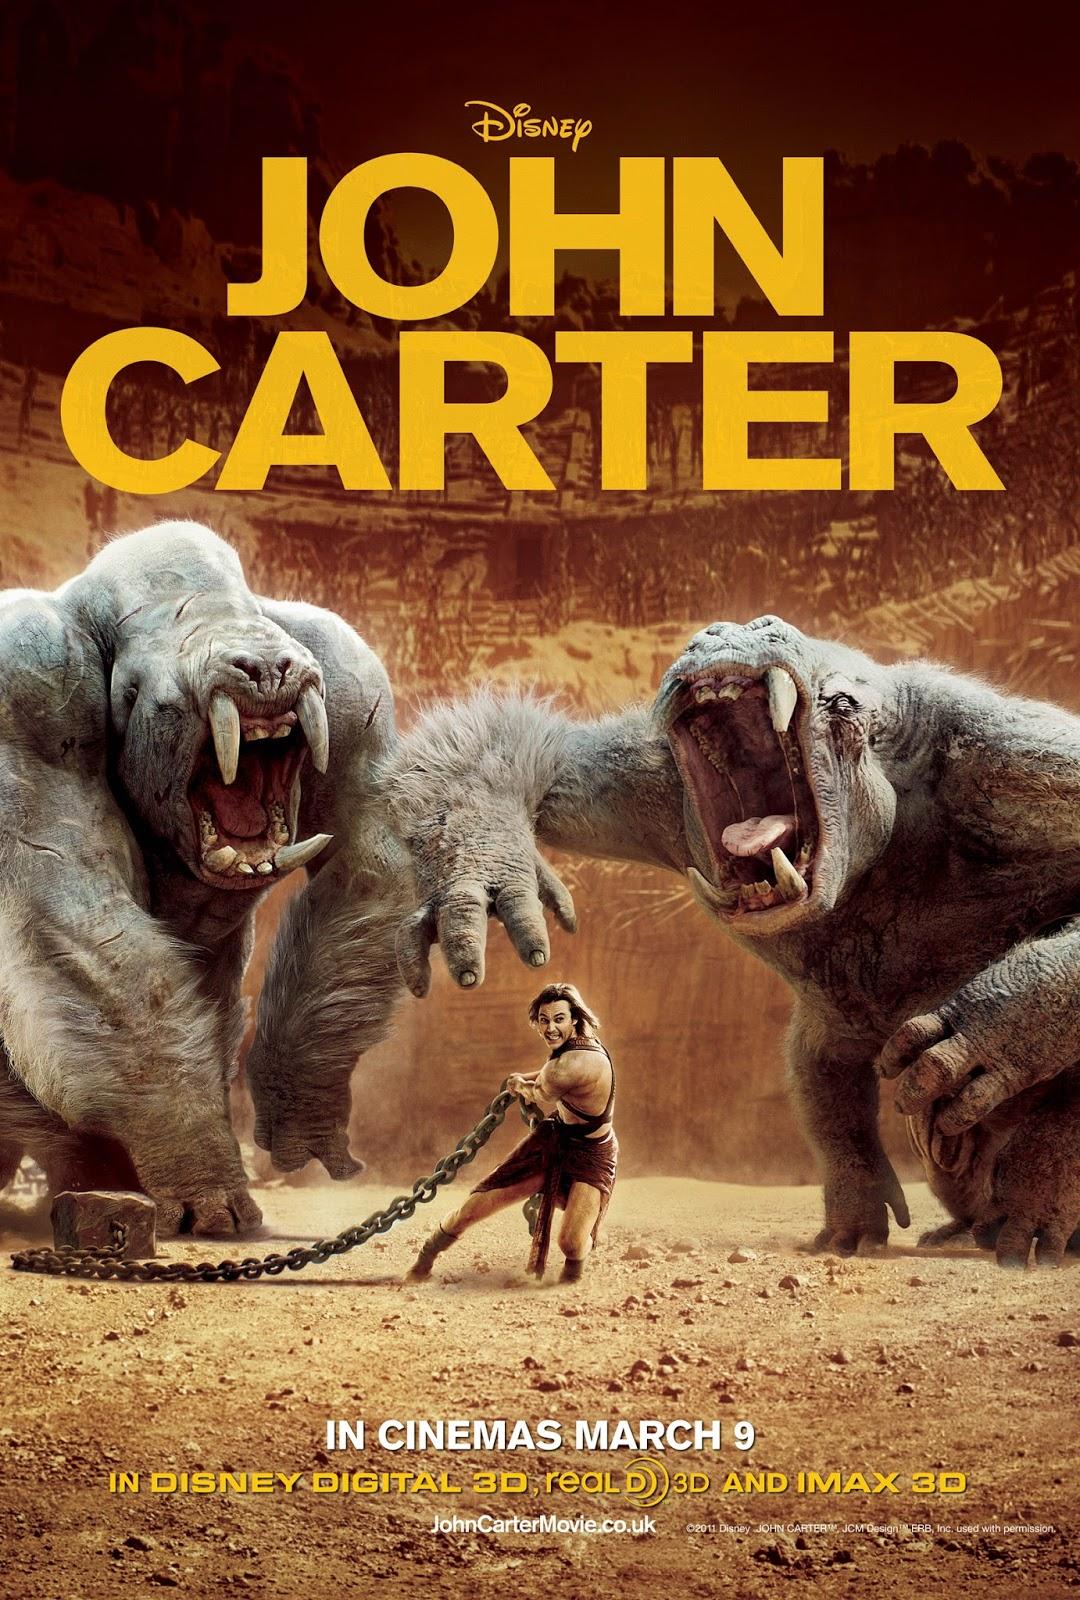 John Carter 2012 Imdb | Rachael Edwards